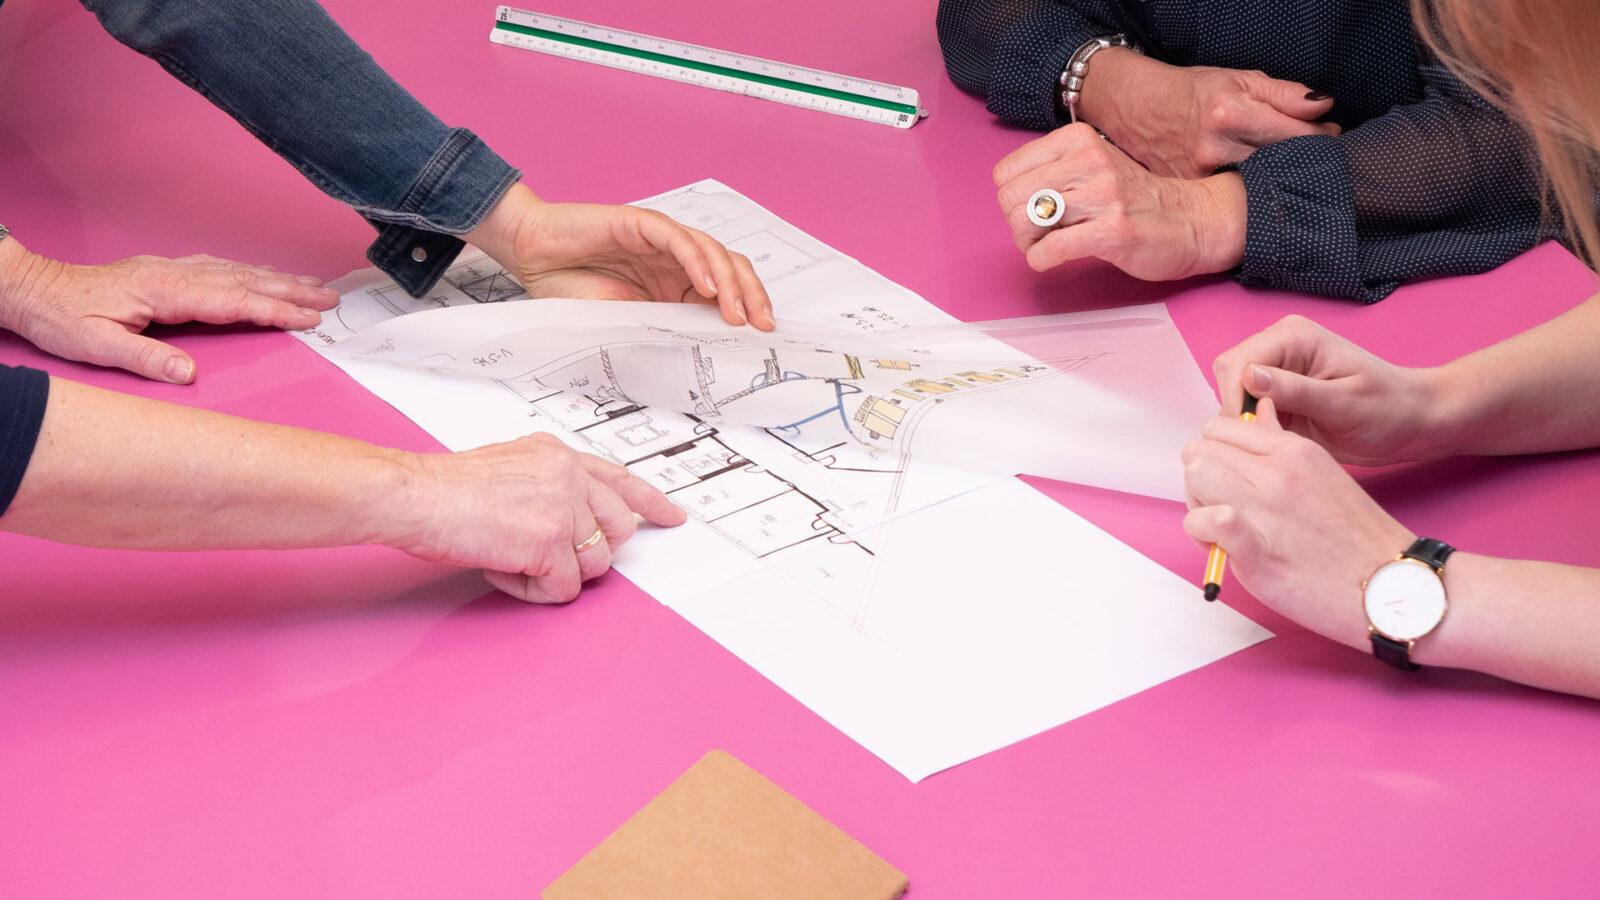 projekt k optimiert Büroflächen für effizientere Flächennutzung und bessere Arbeitsatmosphäre